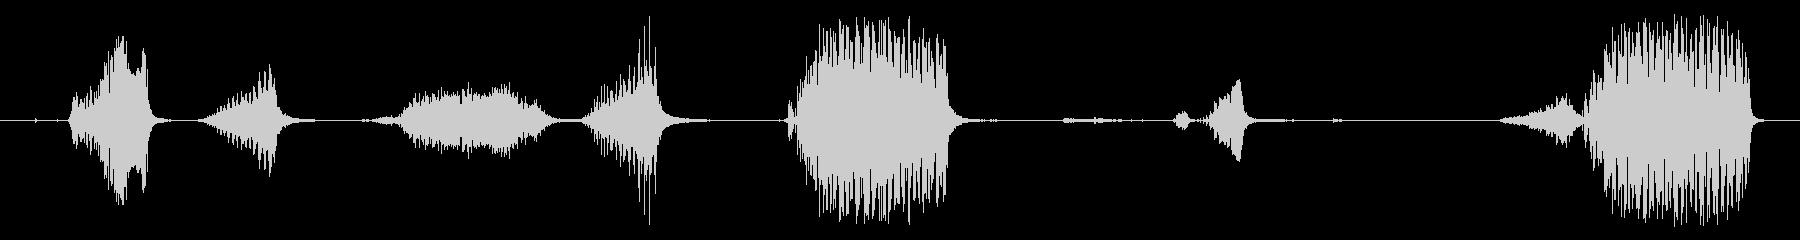 オウム:さまざまなケージのオウムと...の未再生の波形